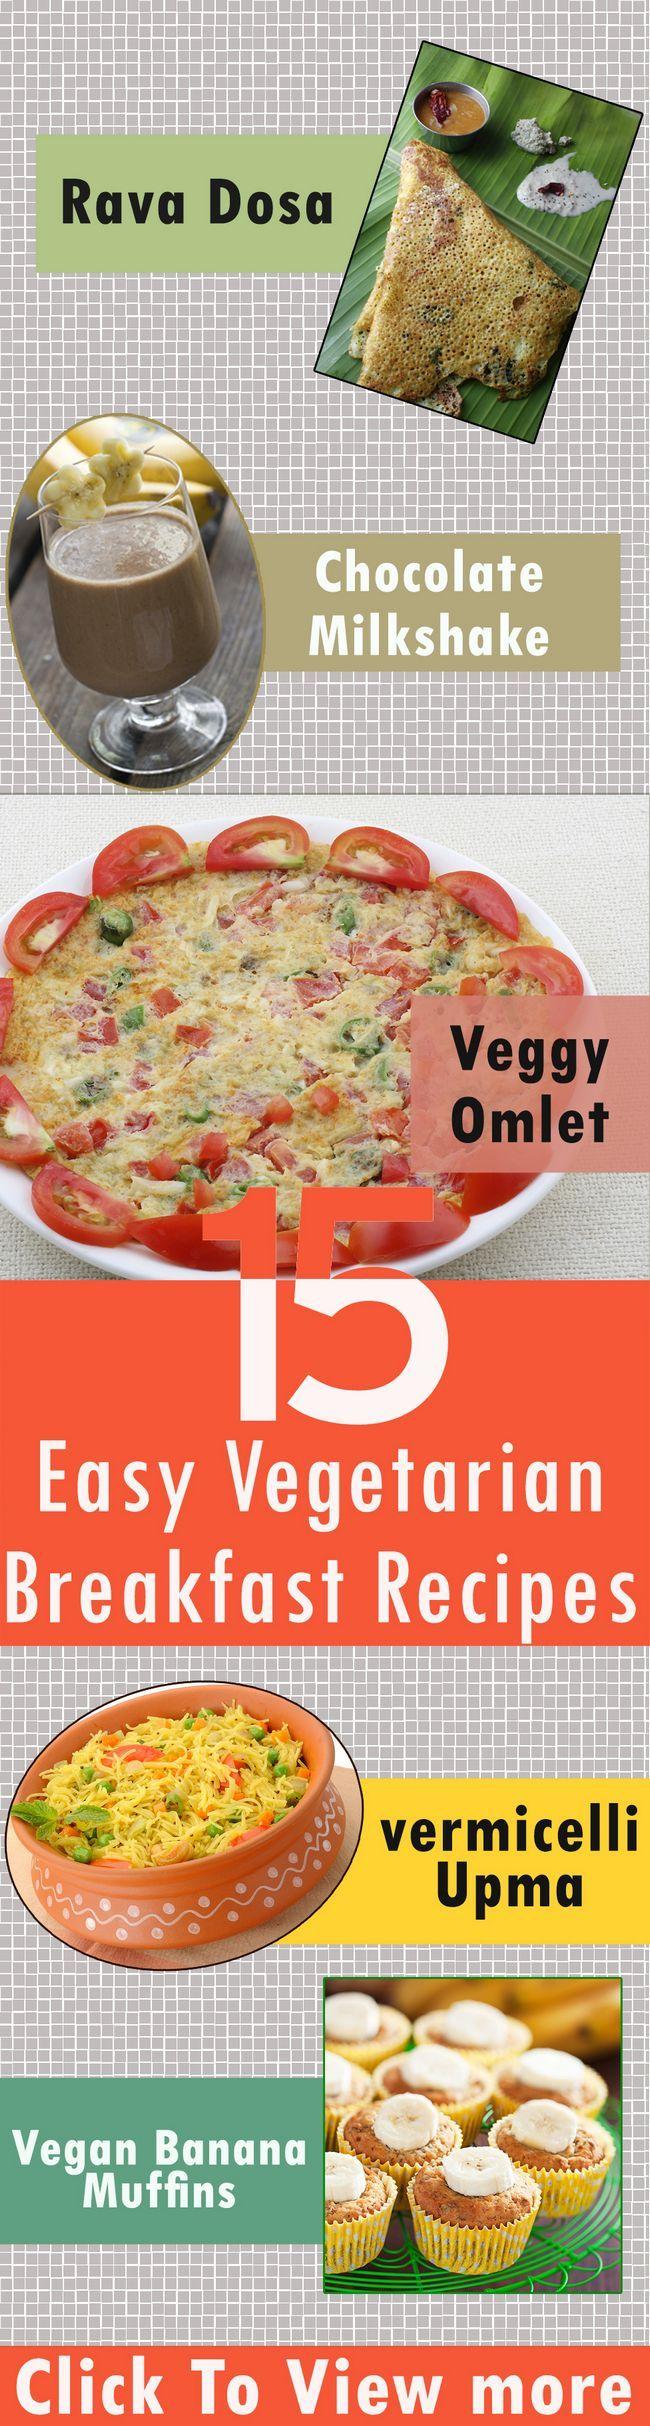 15 Recettes de petit-déjeuner végétarien pour essayer aujourd`hui